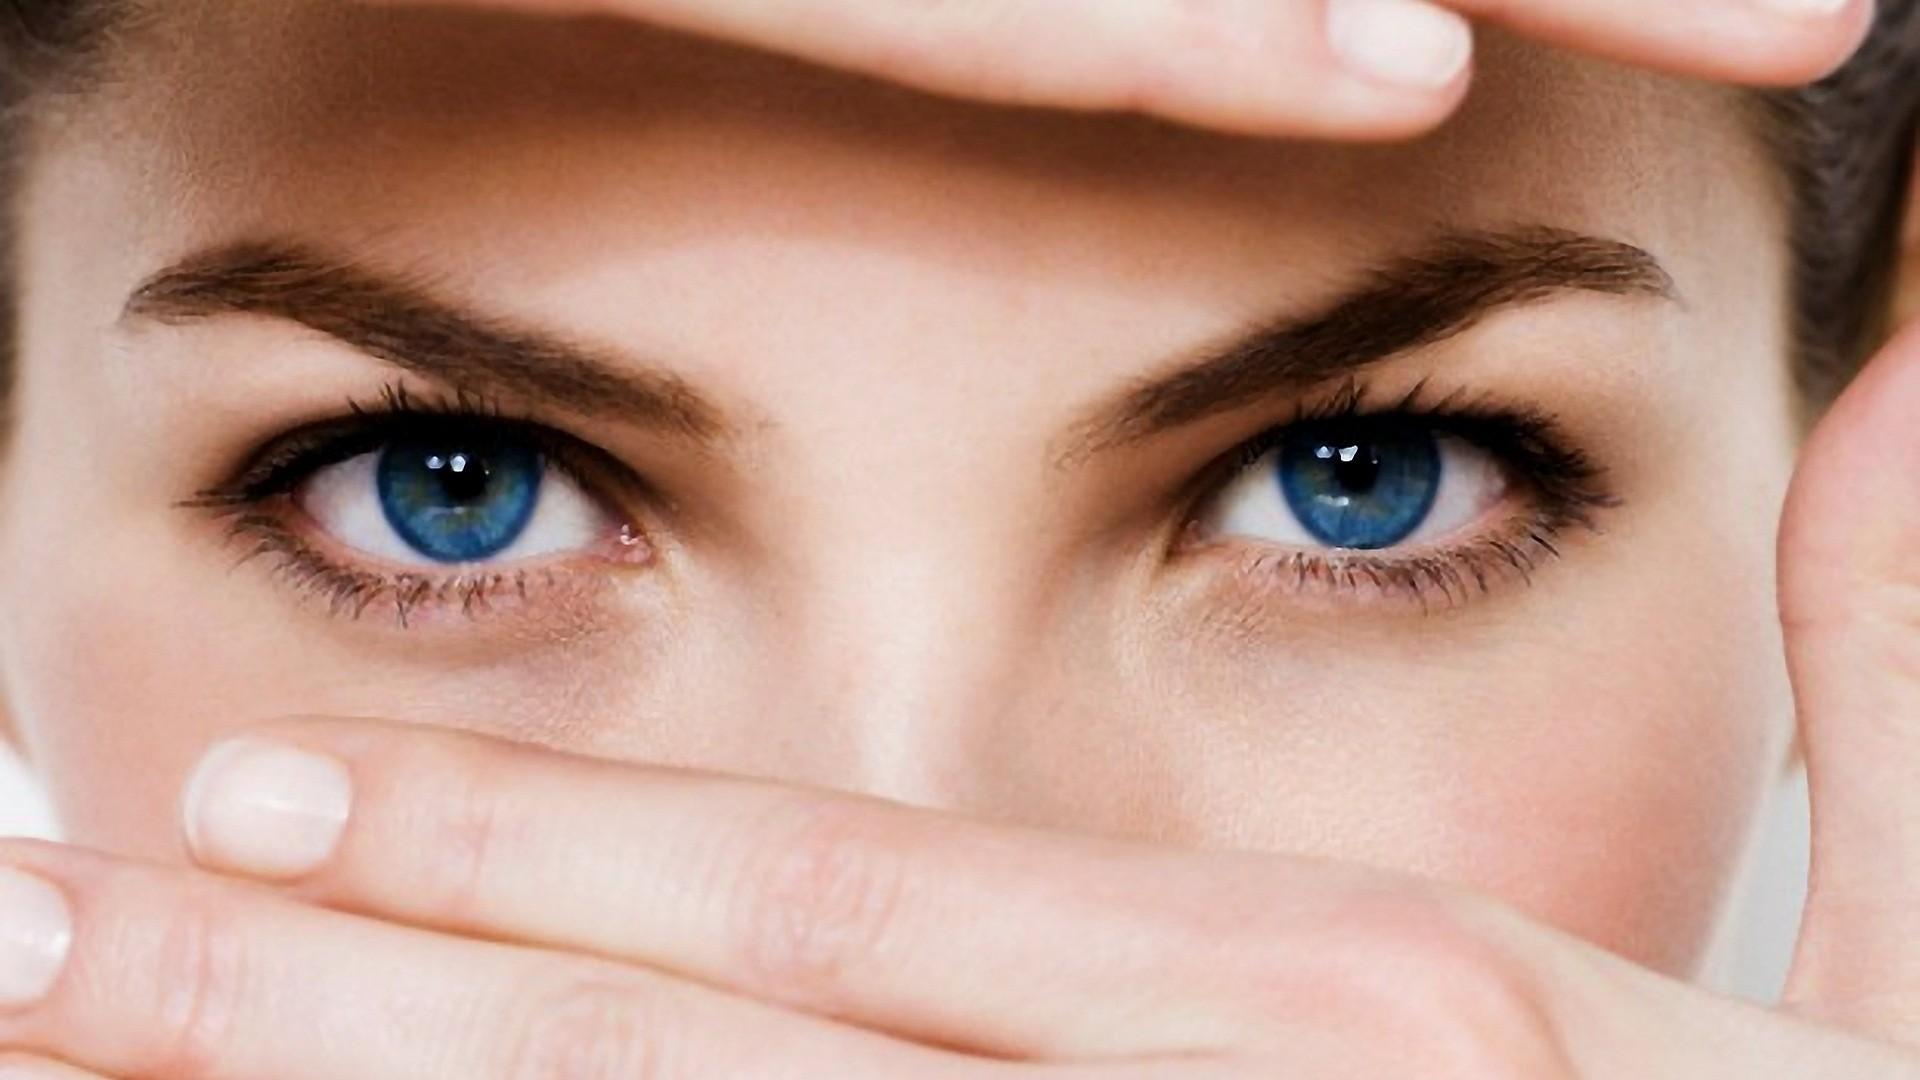 Глаза многое могут рассказать оболезнях человека